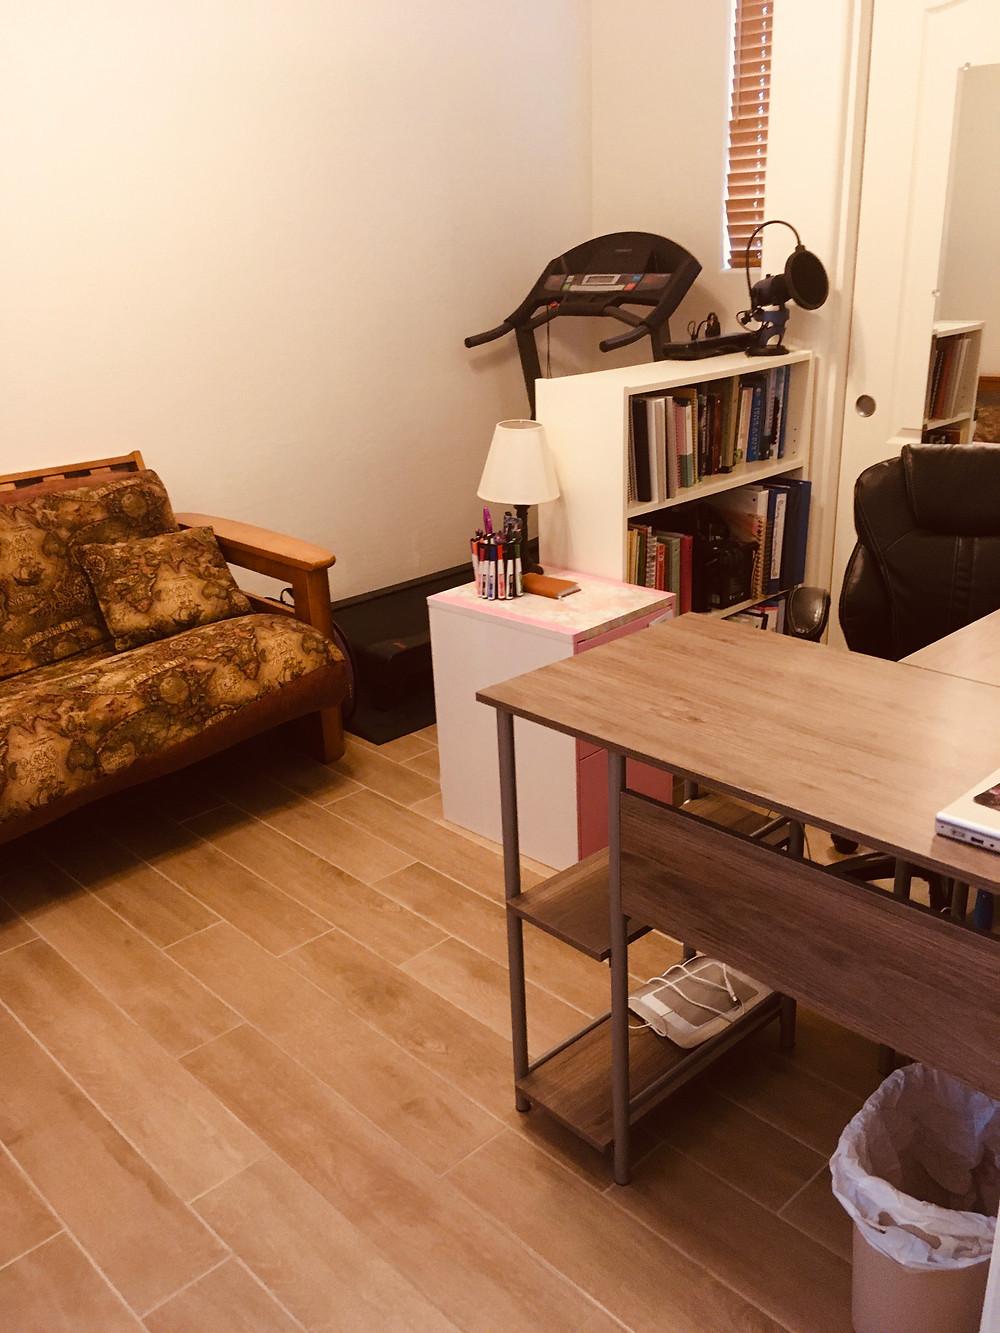 Picture of a desk, small bookcase, & futon